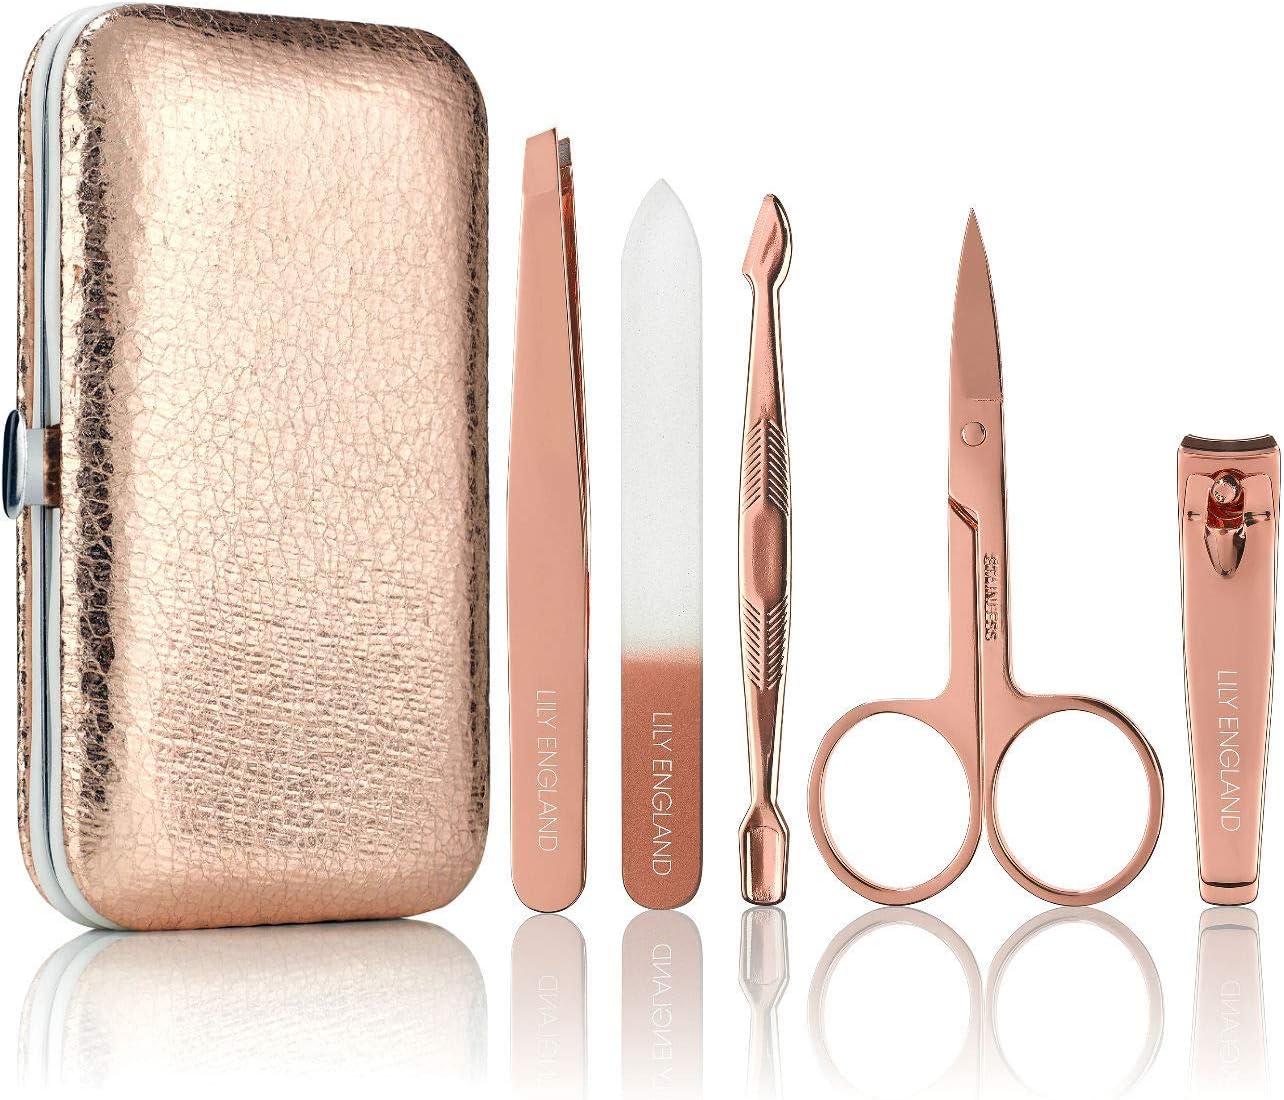 estuche con herramientas para uñas